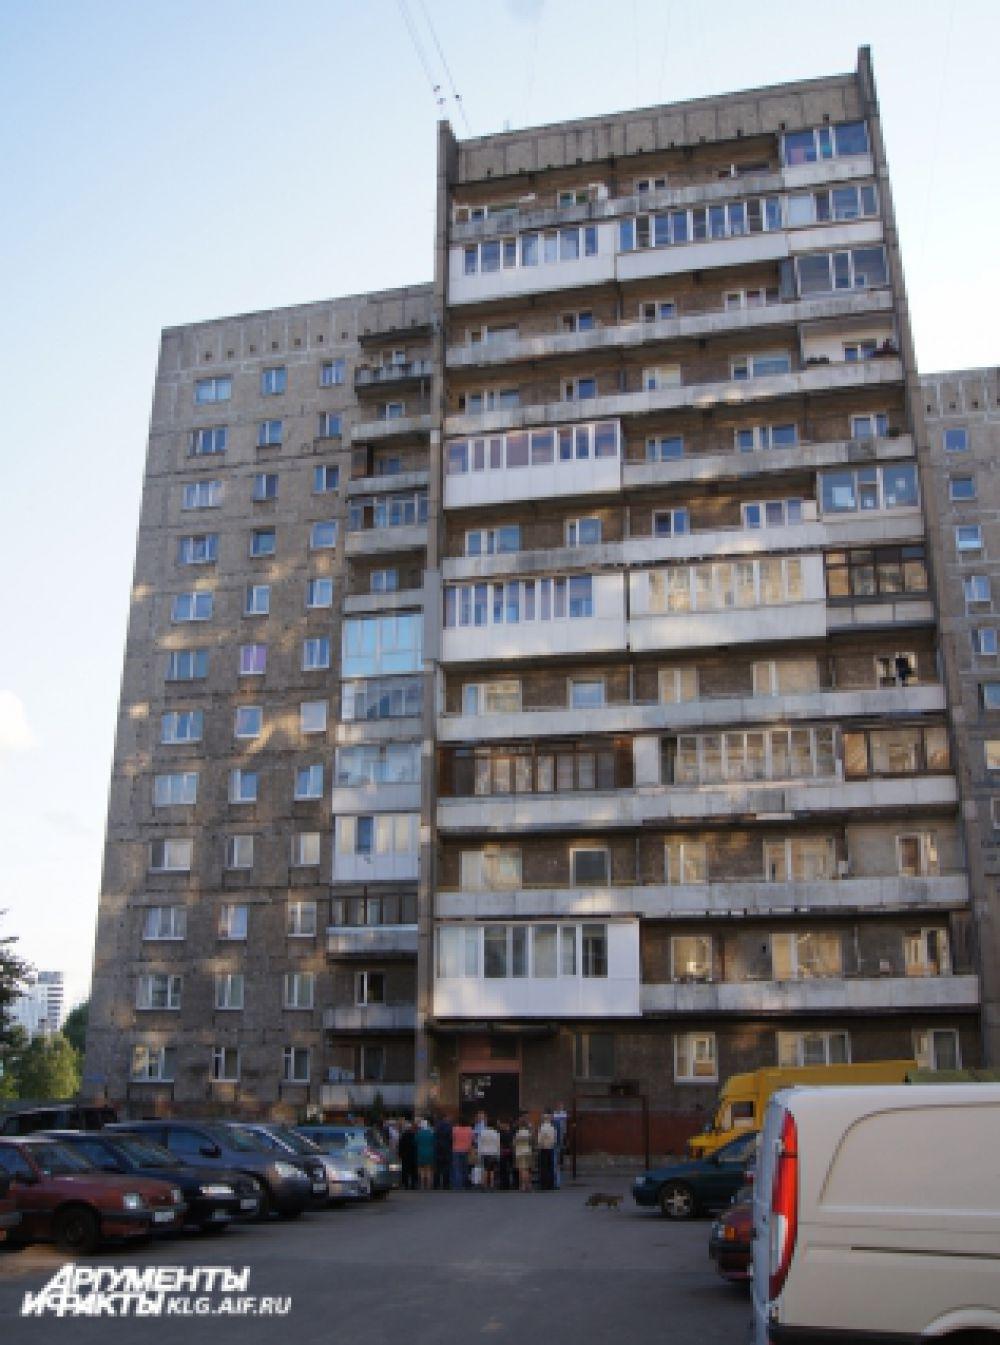 Межведомственная комиссия зафиксировала значительный крен здания – около 40 сантиметров.